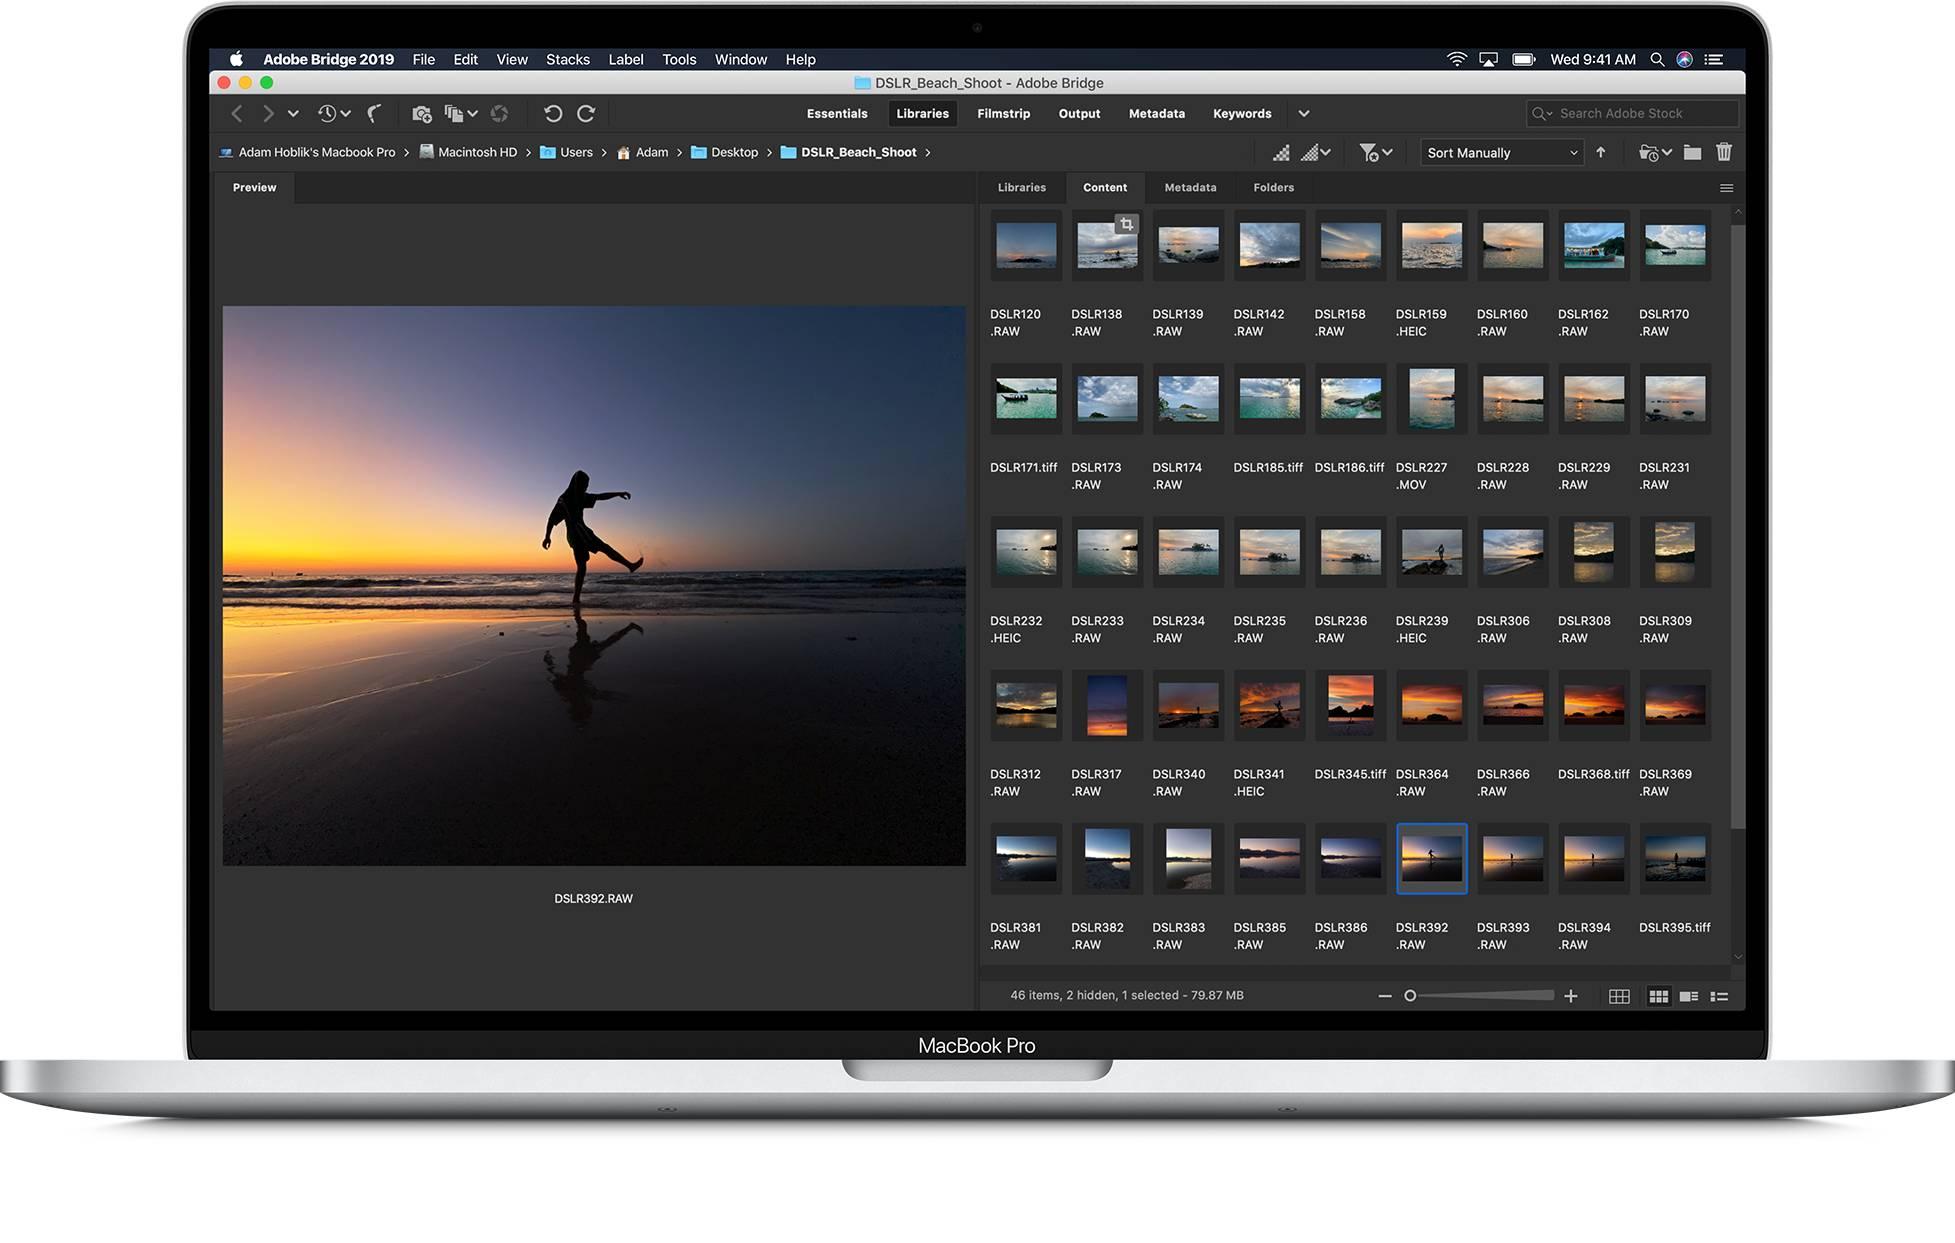 apple macbook pro screen display